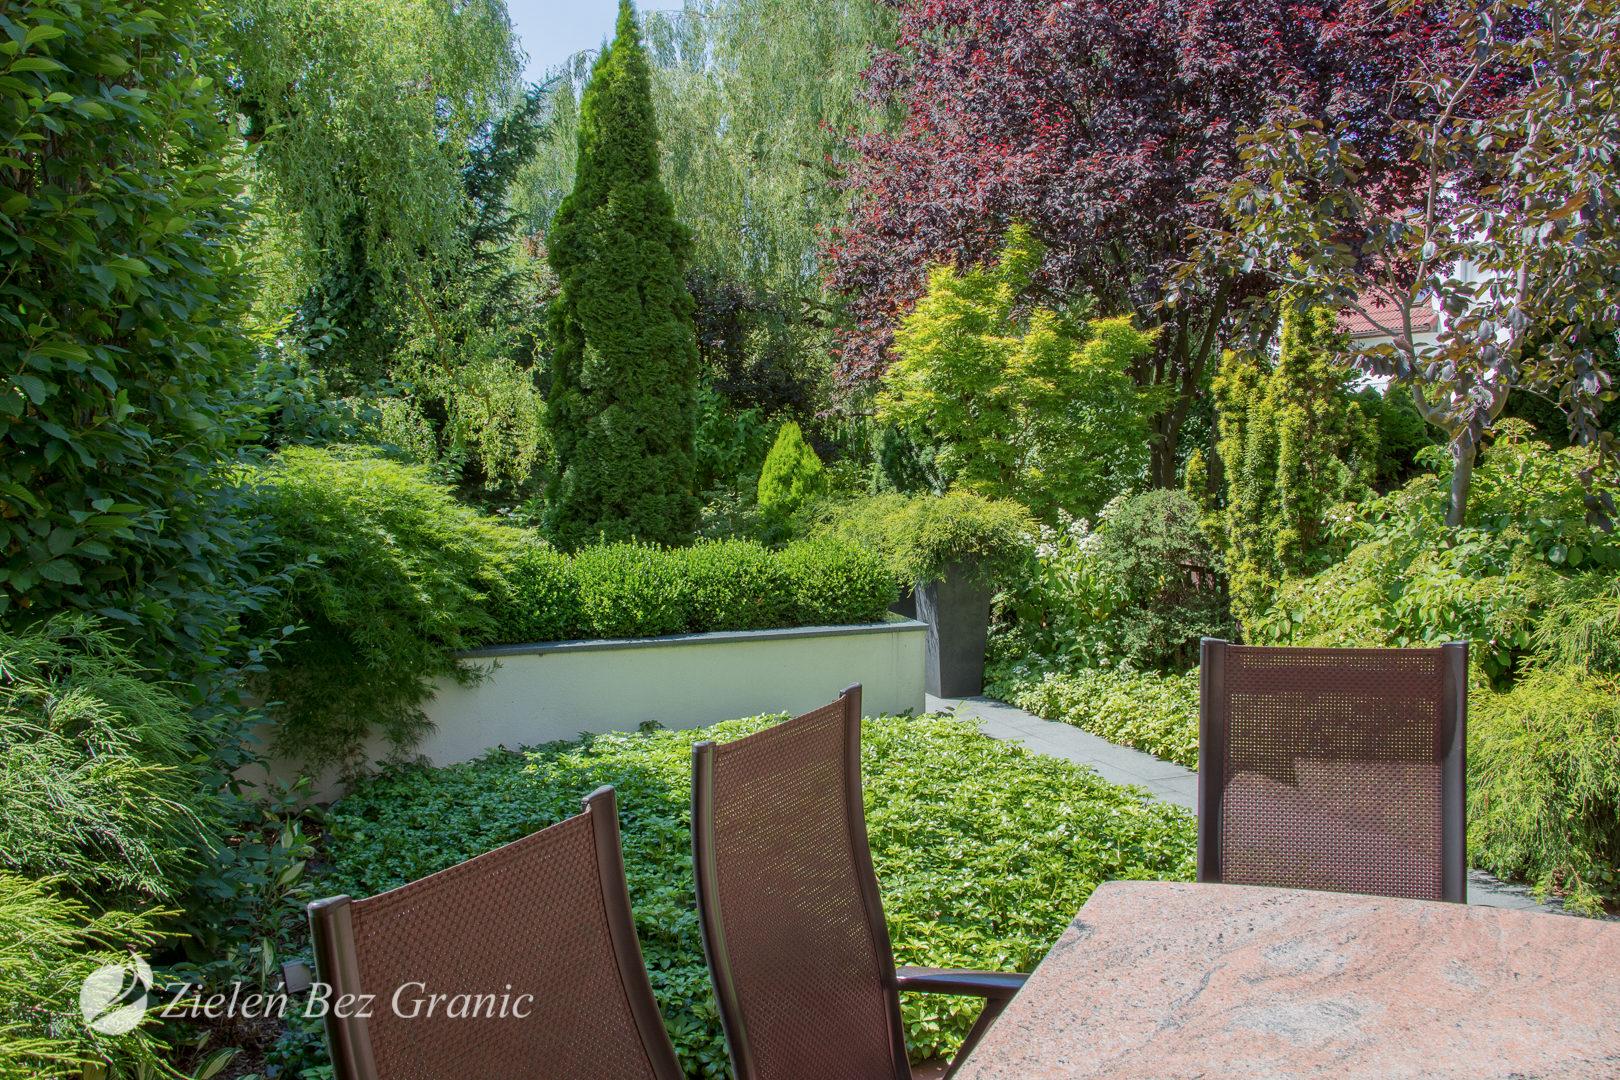 Maksymalny udział zieleni w ogrodzie.